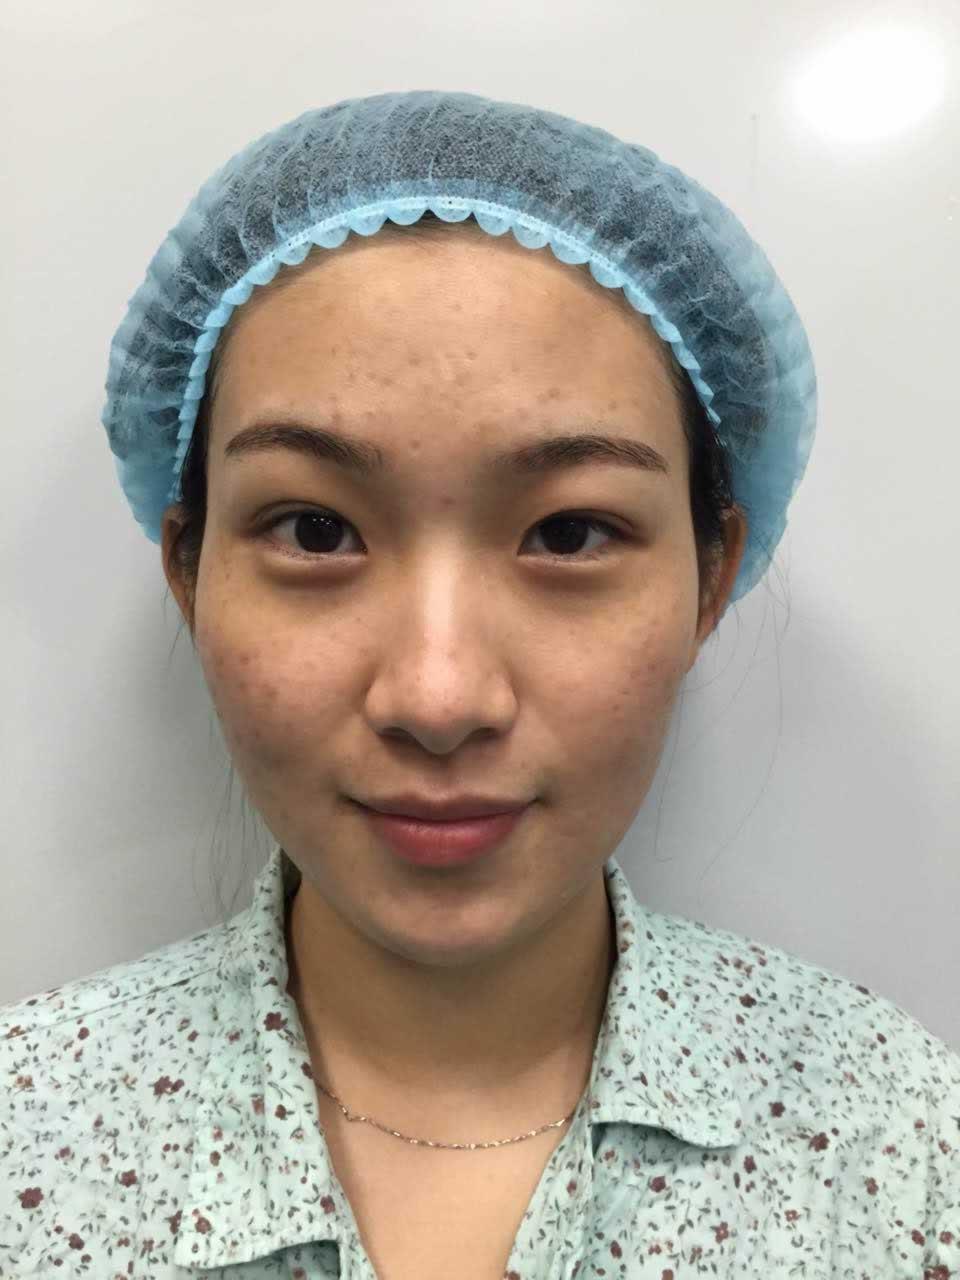 做了全脸脂肪填充后,小护士都说我很像网红很漂亮